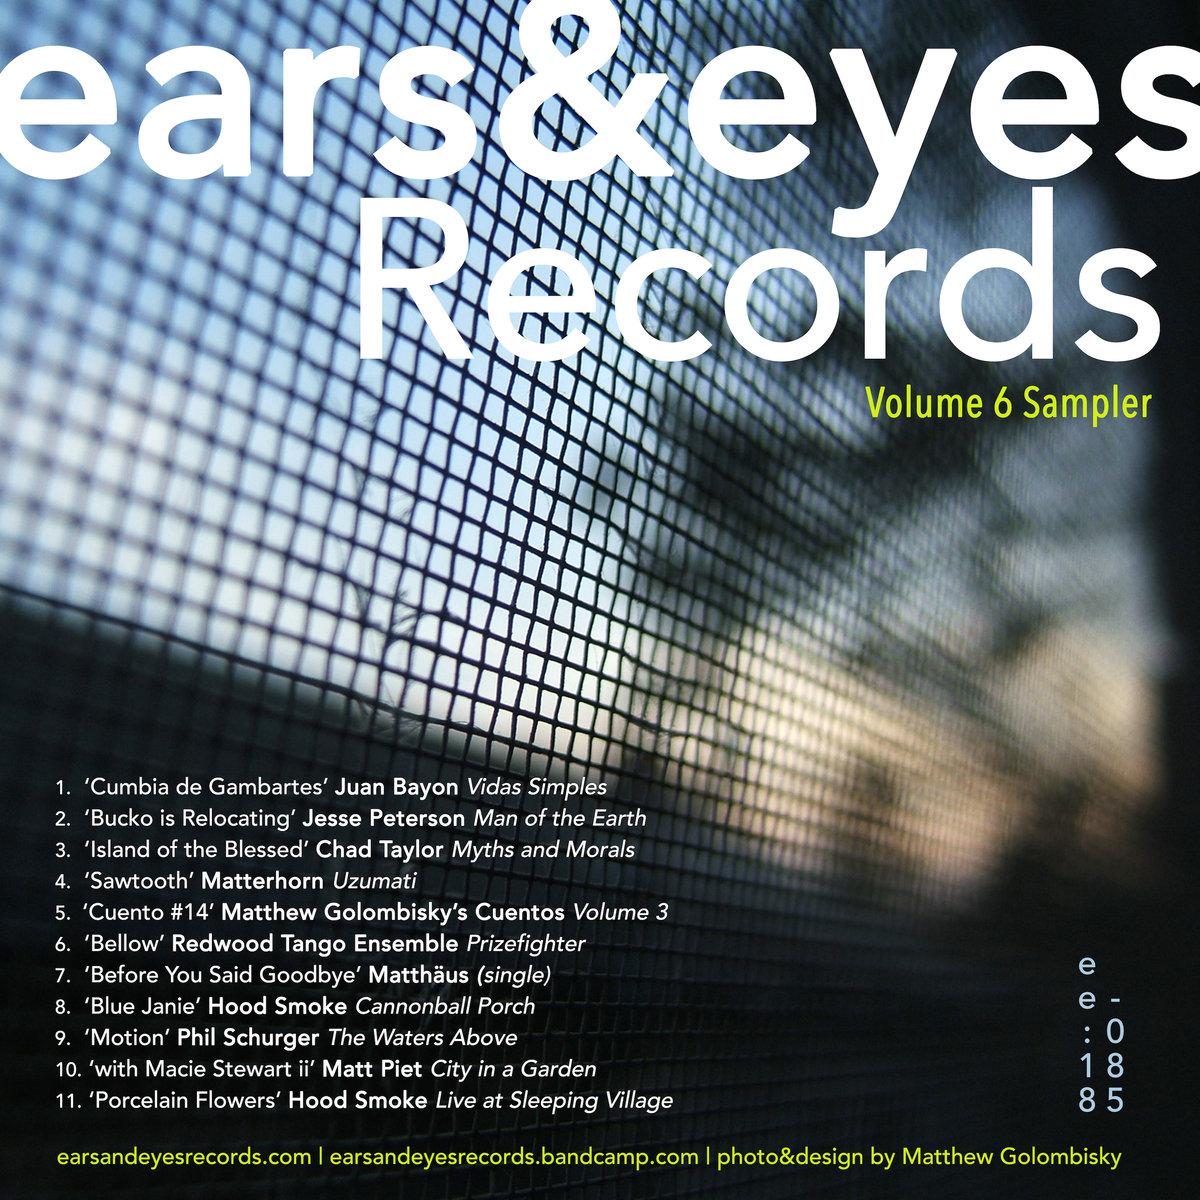 Volume 6 Sampler b.jpg